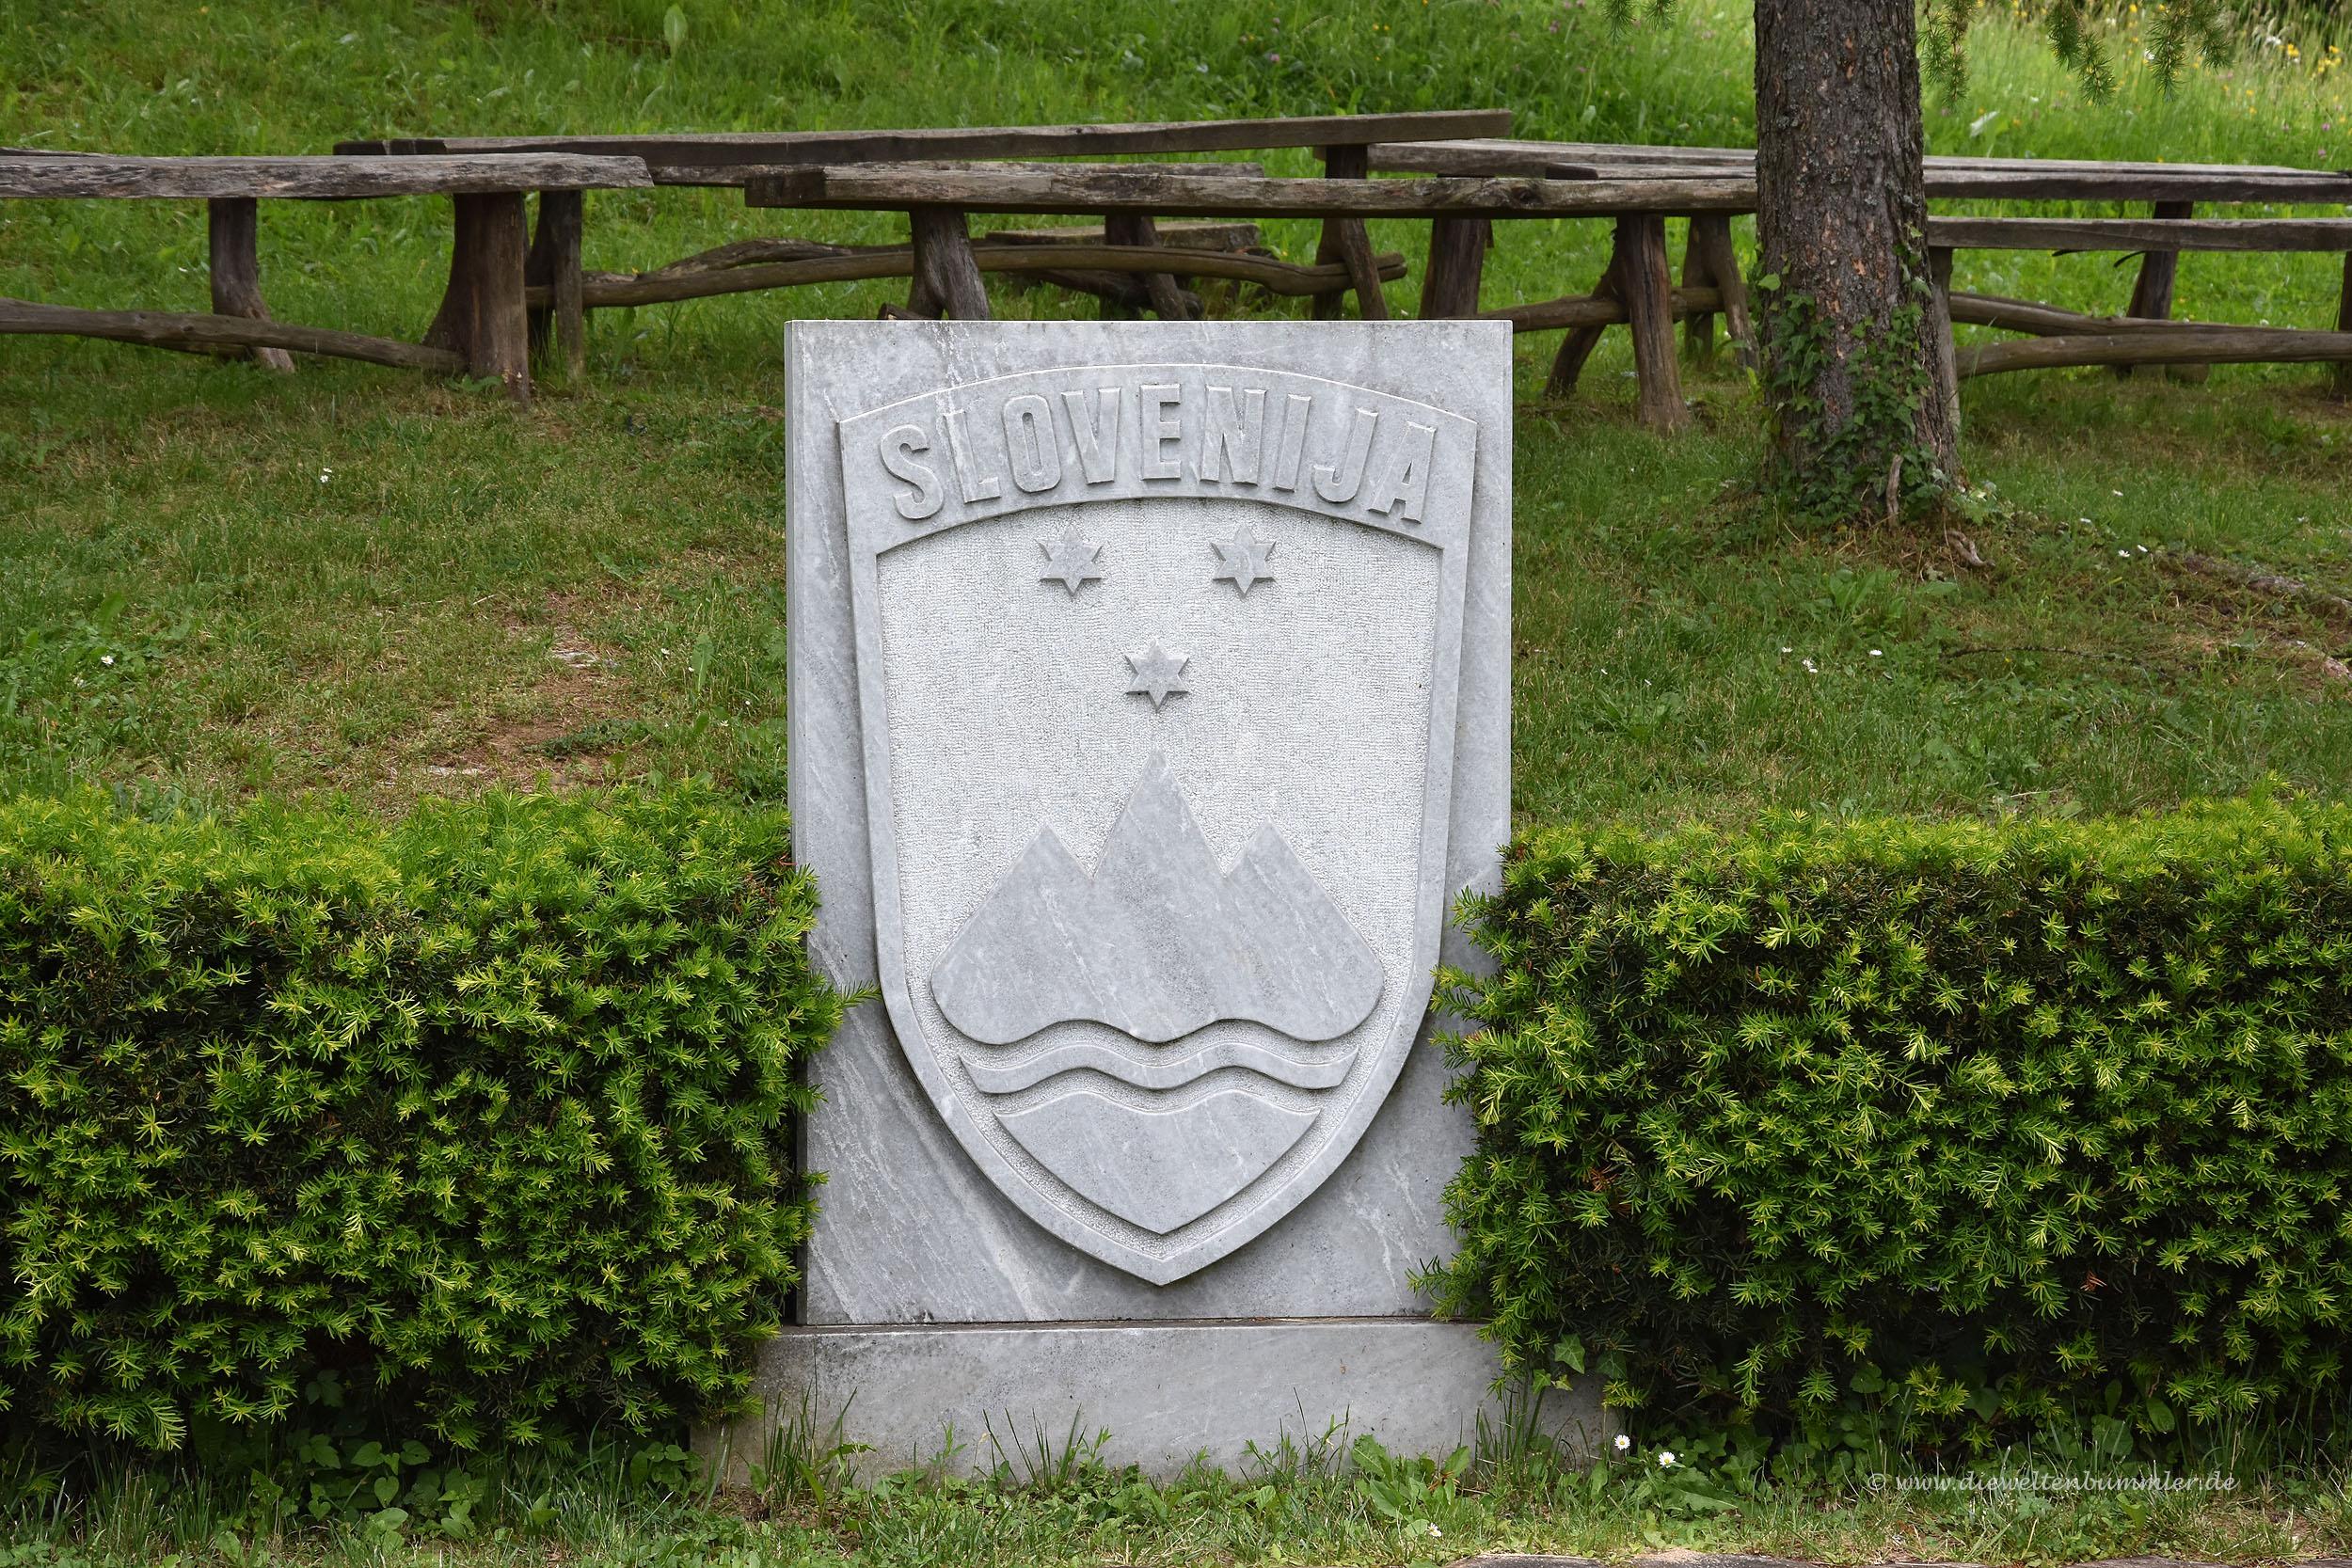 Das Wappen von Slowenien